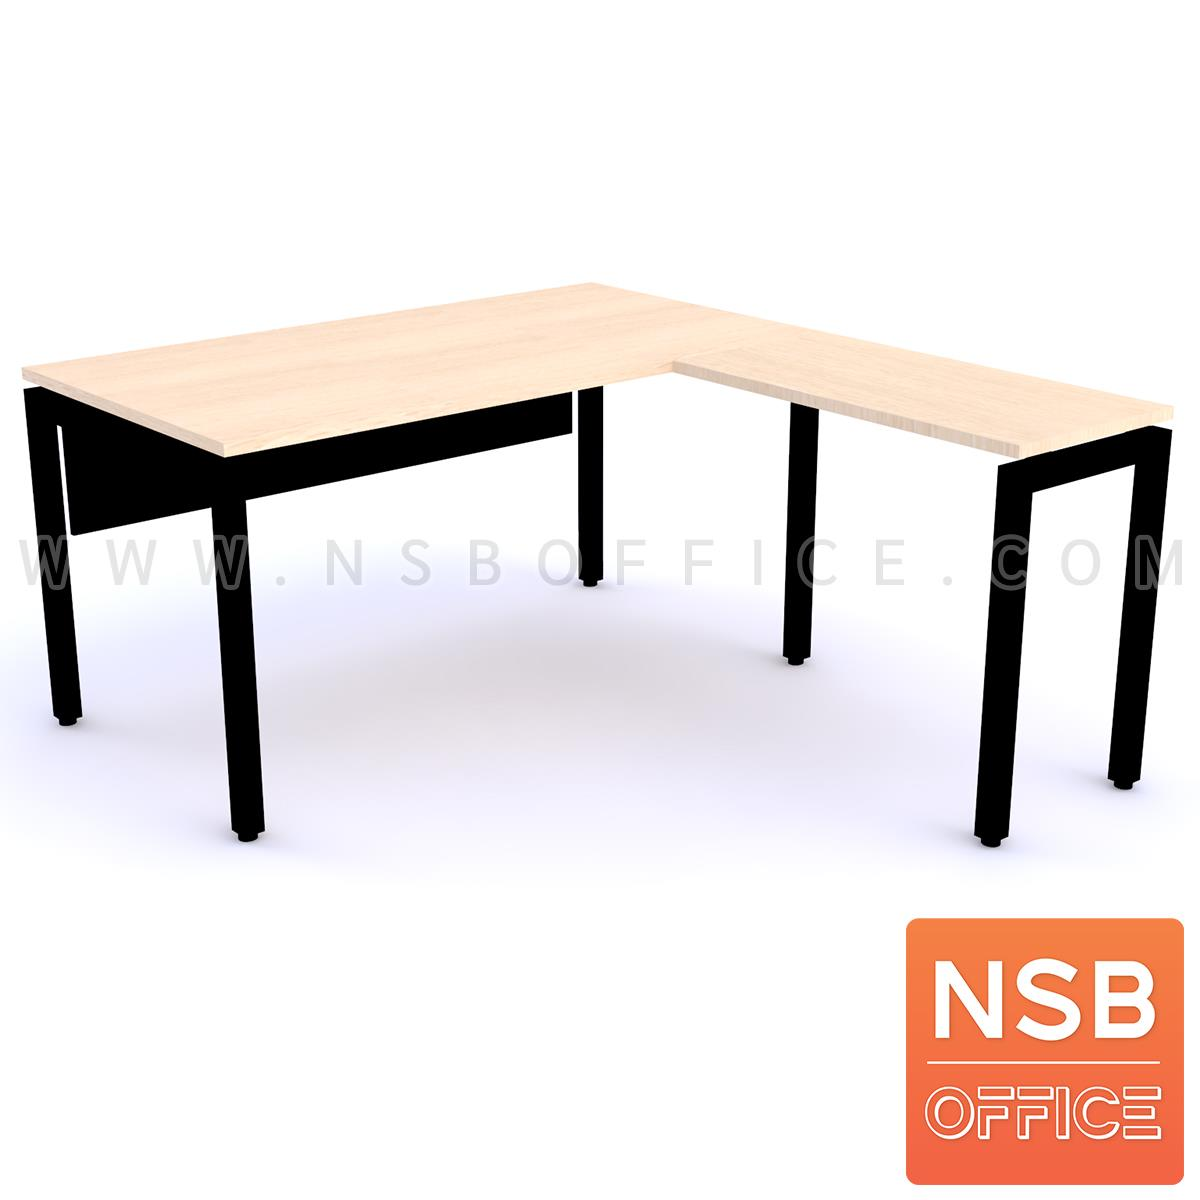 โต๊ะทำงานตัวแอล  ขนาด 150W1 ,180W1*170W2 cm.  ขาเหล็กตรง